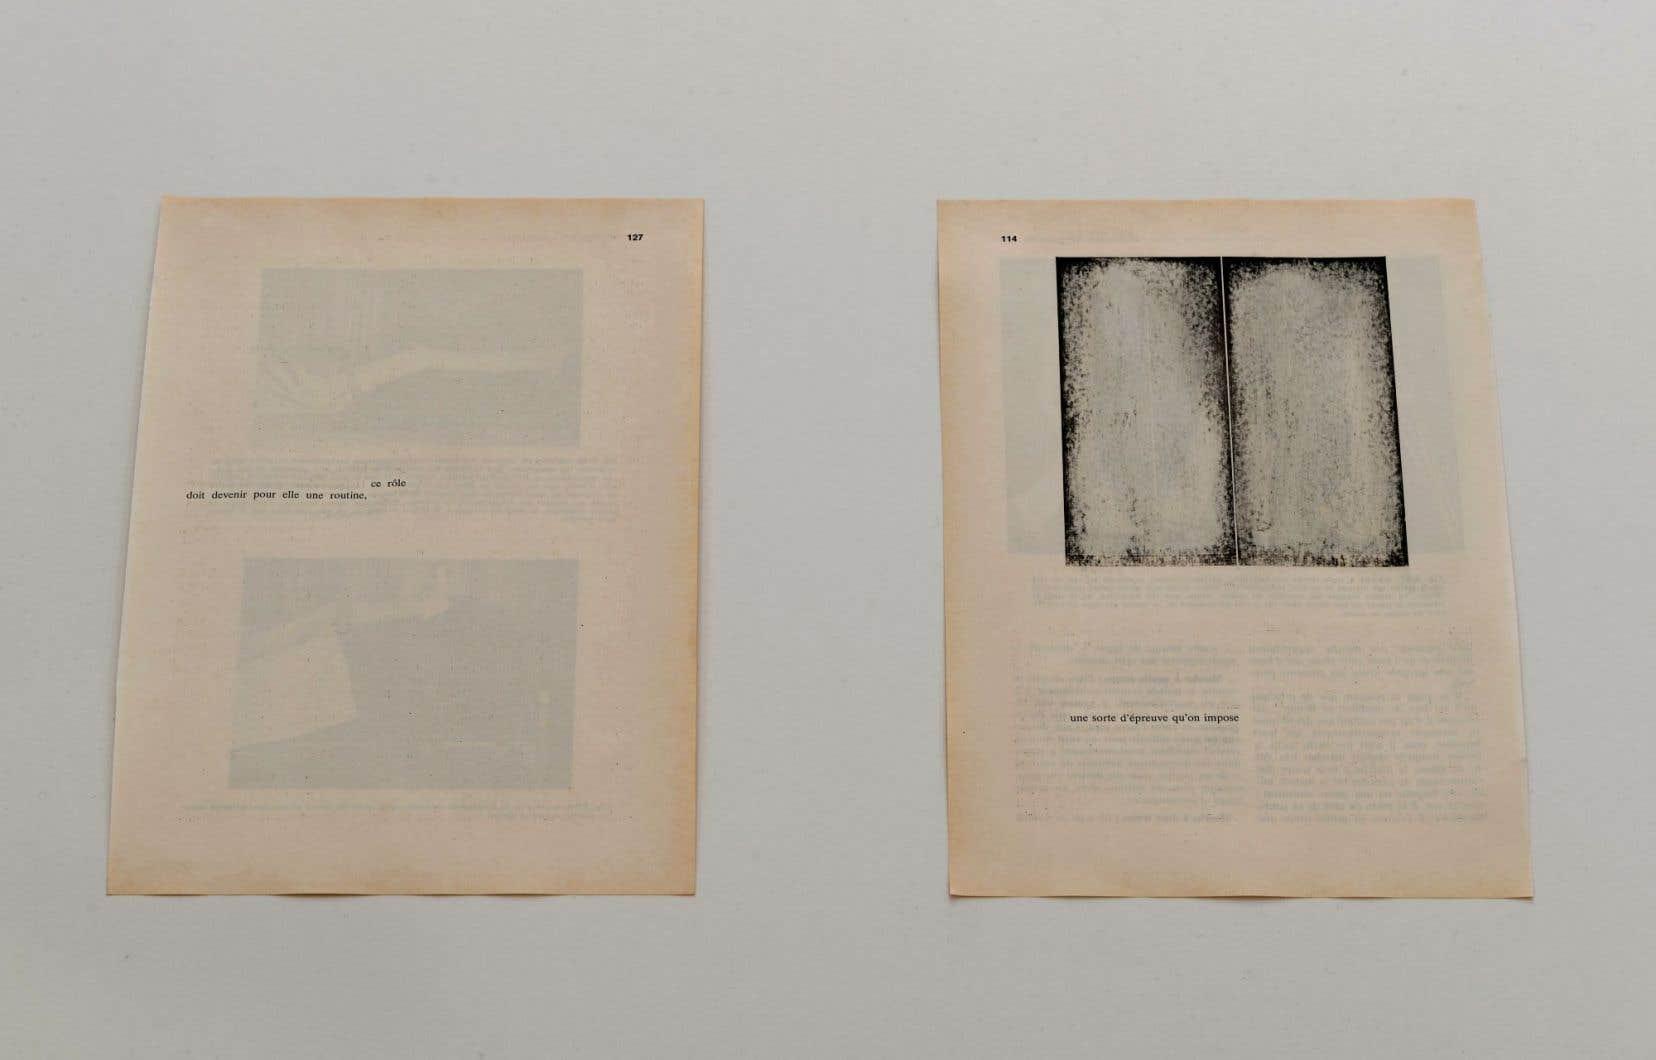 Le livre médical retravaillé par Sophie Jodoin devient un corps sur lequel les ablations sont génératrices; le papier jauni devient peau.